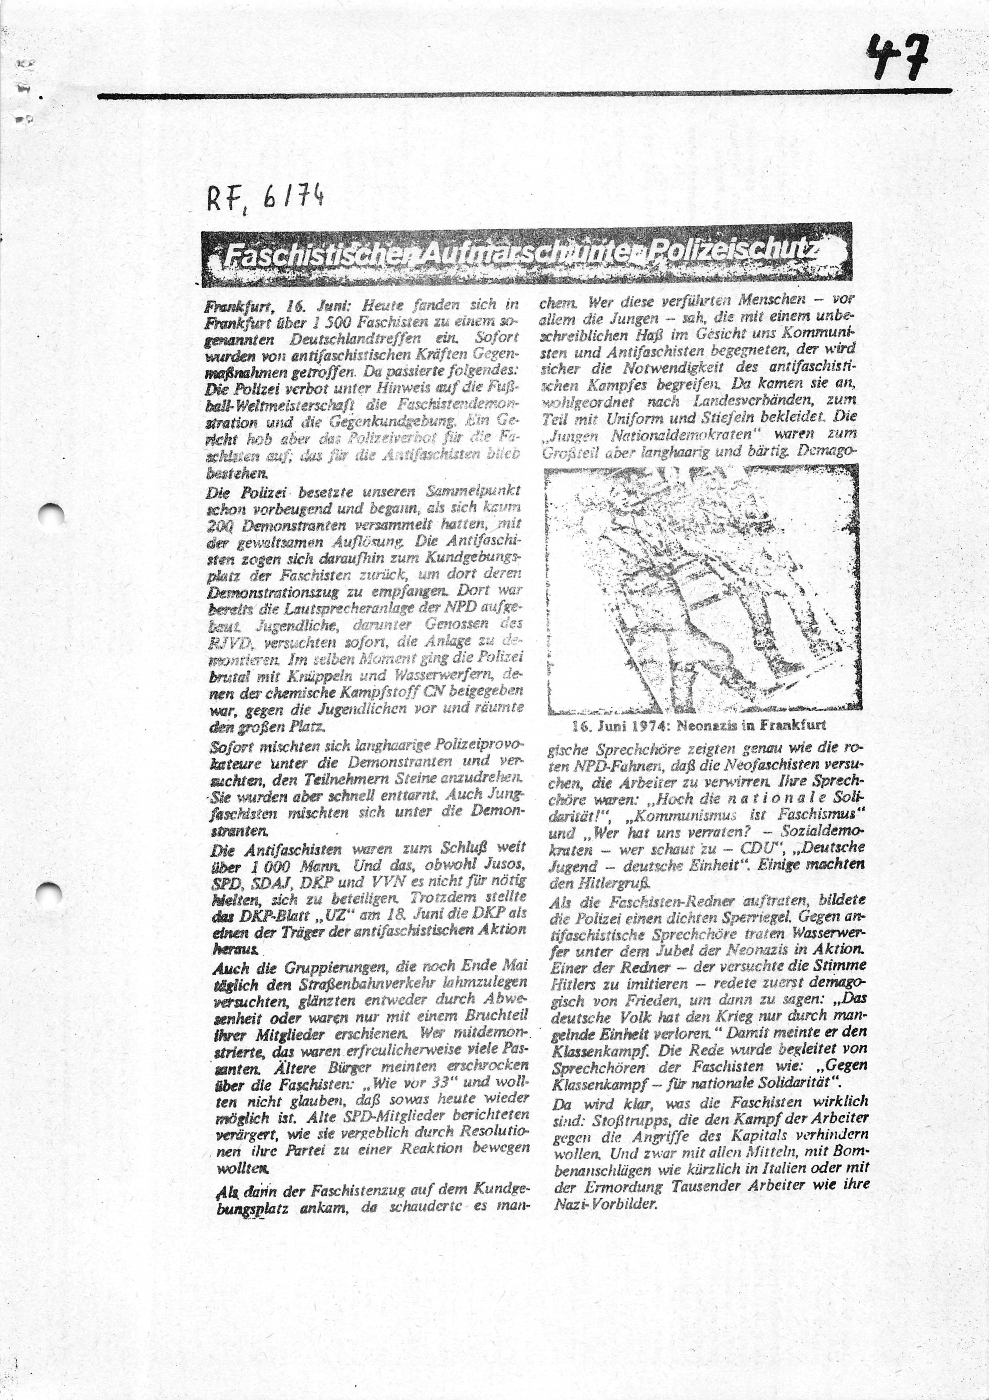 KABRW_Arbeitshefte_1977_25_046